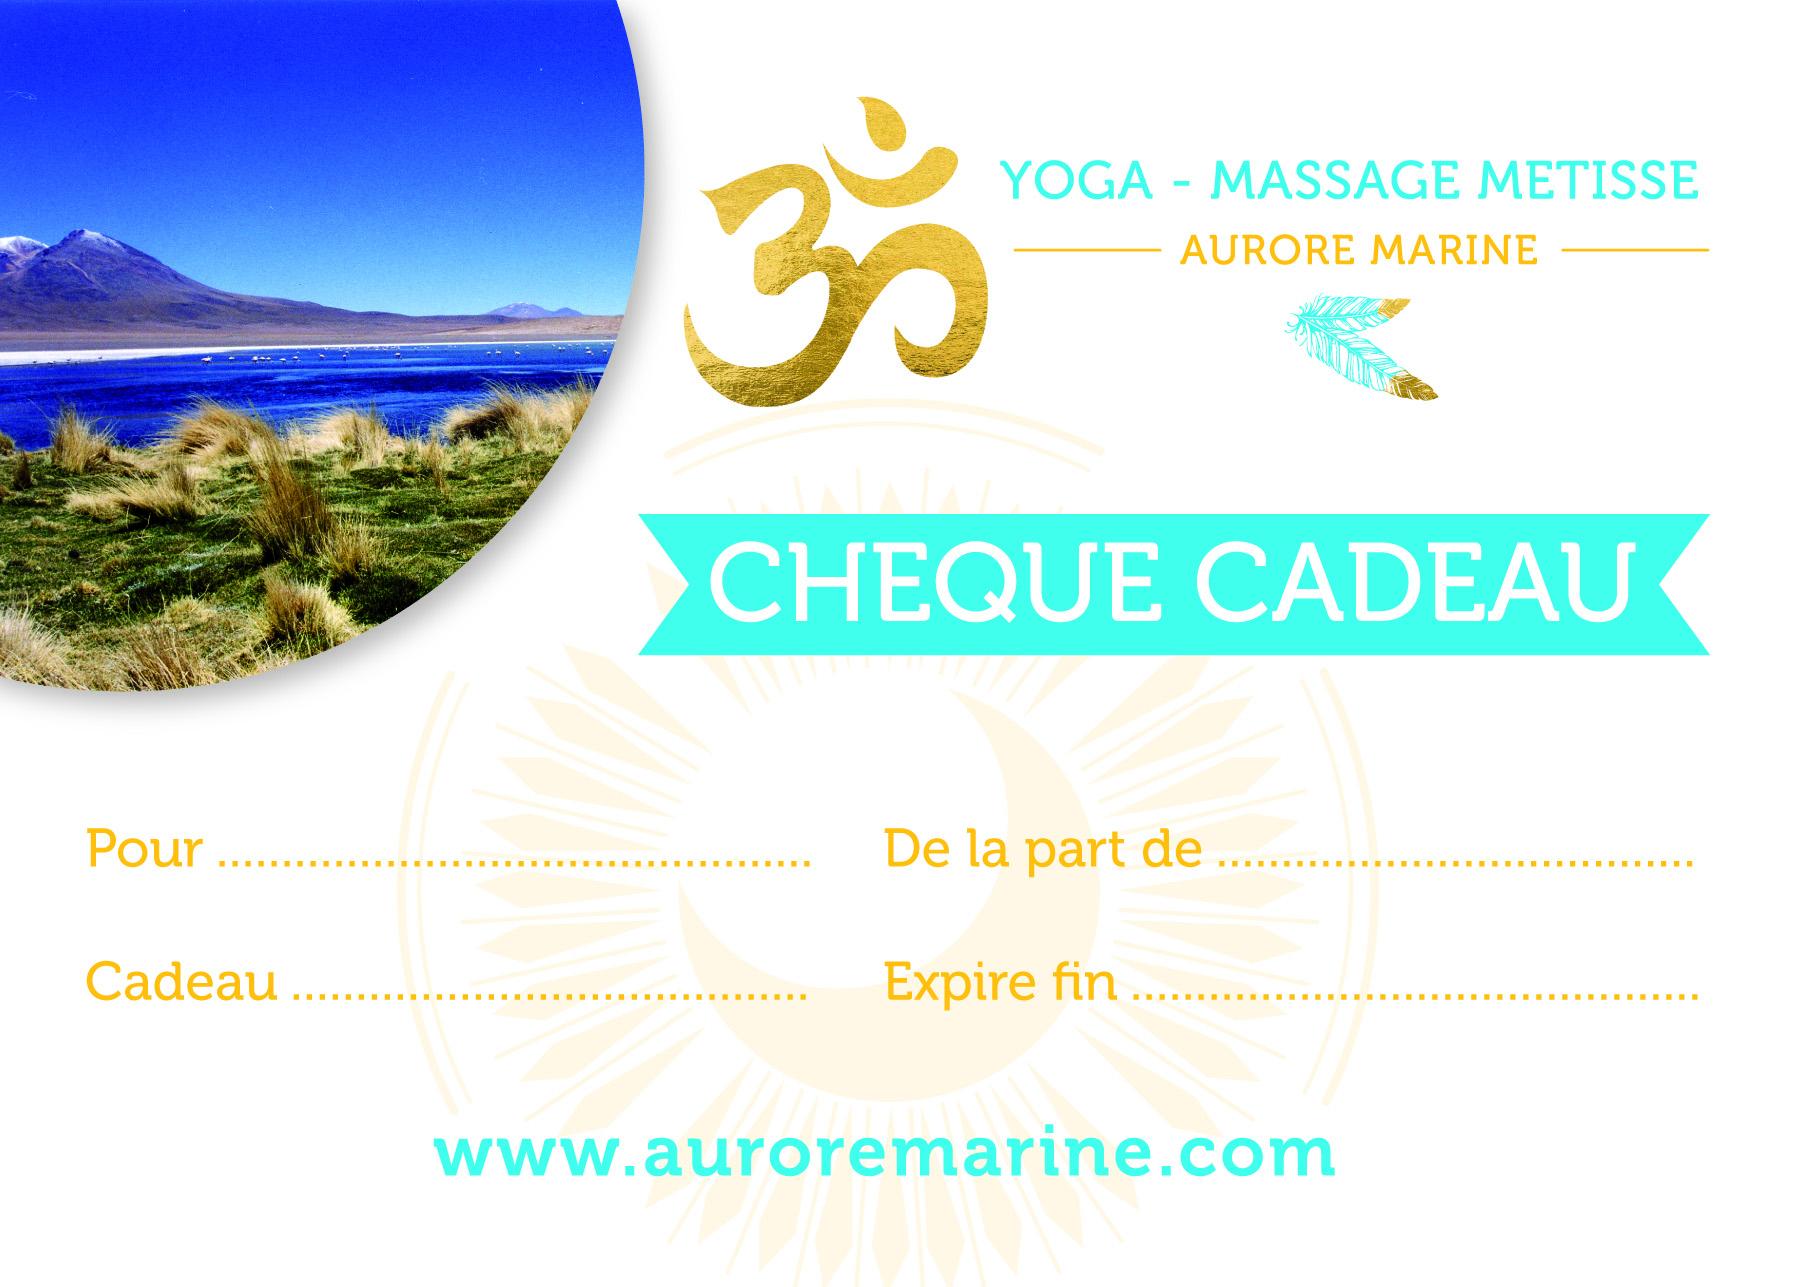 Aurore Marine